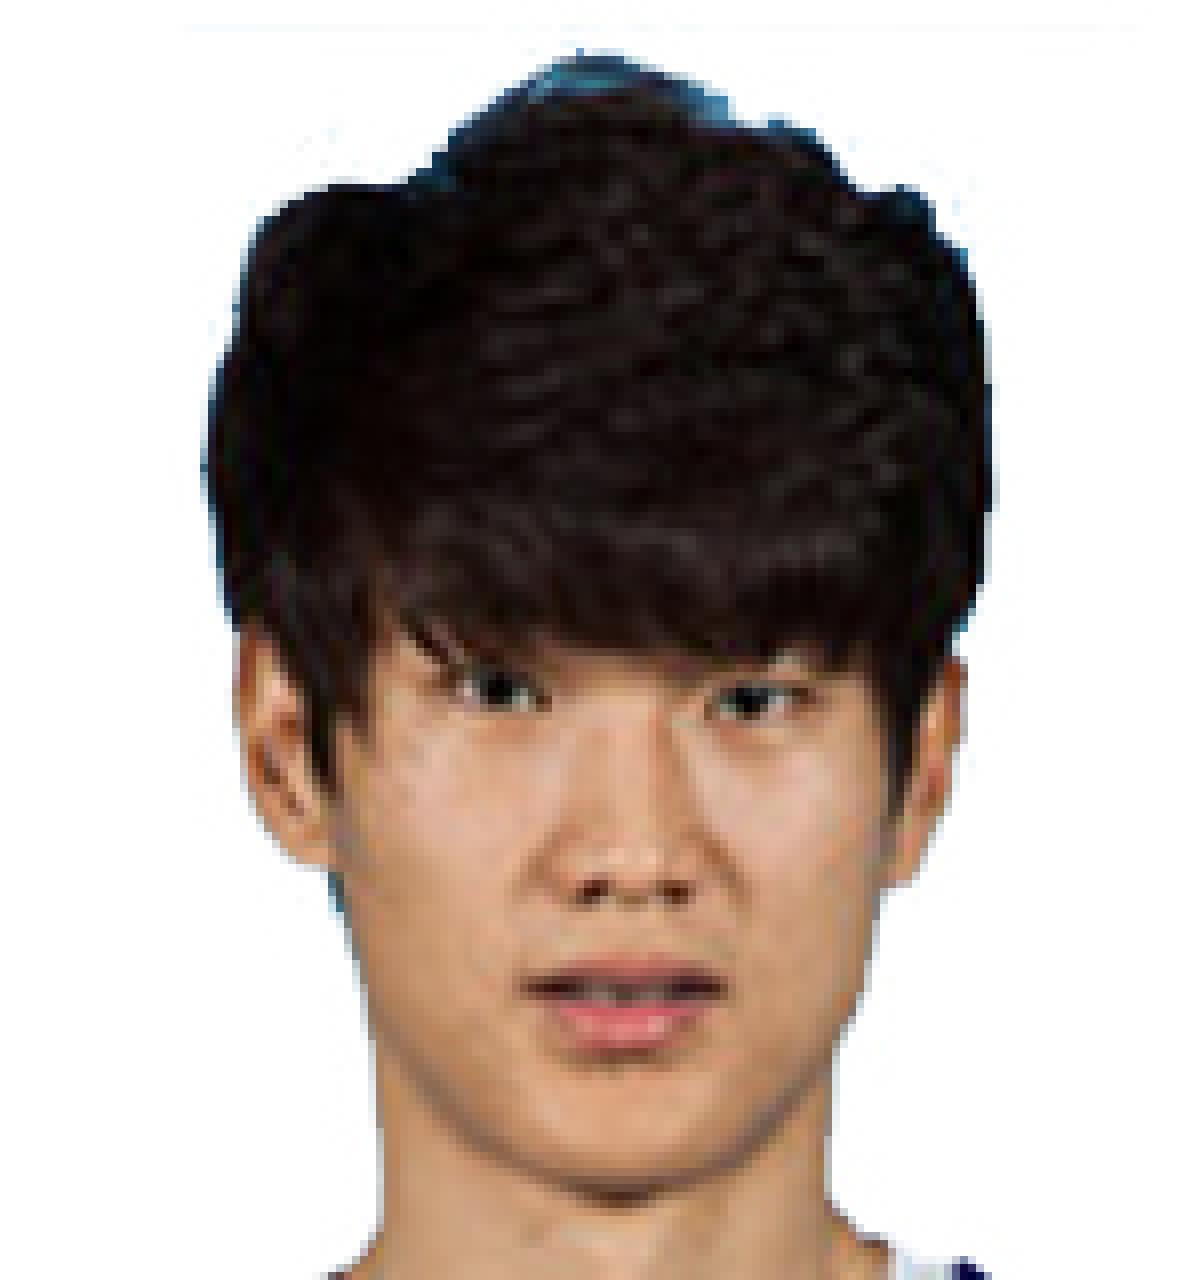 Zhang Xiaoyang